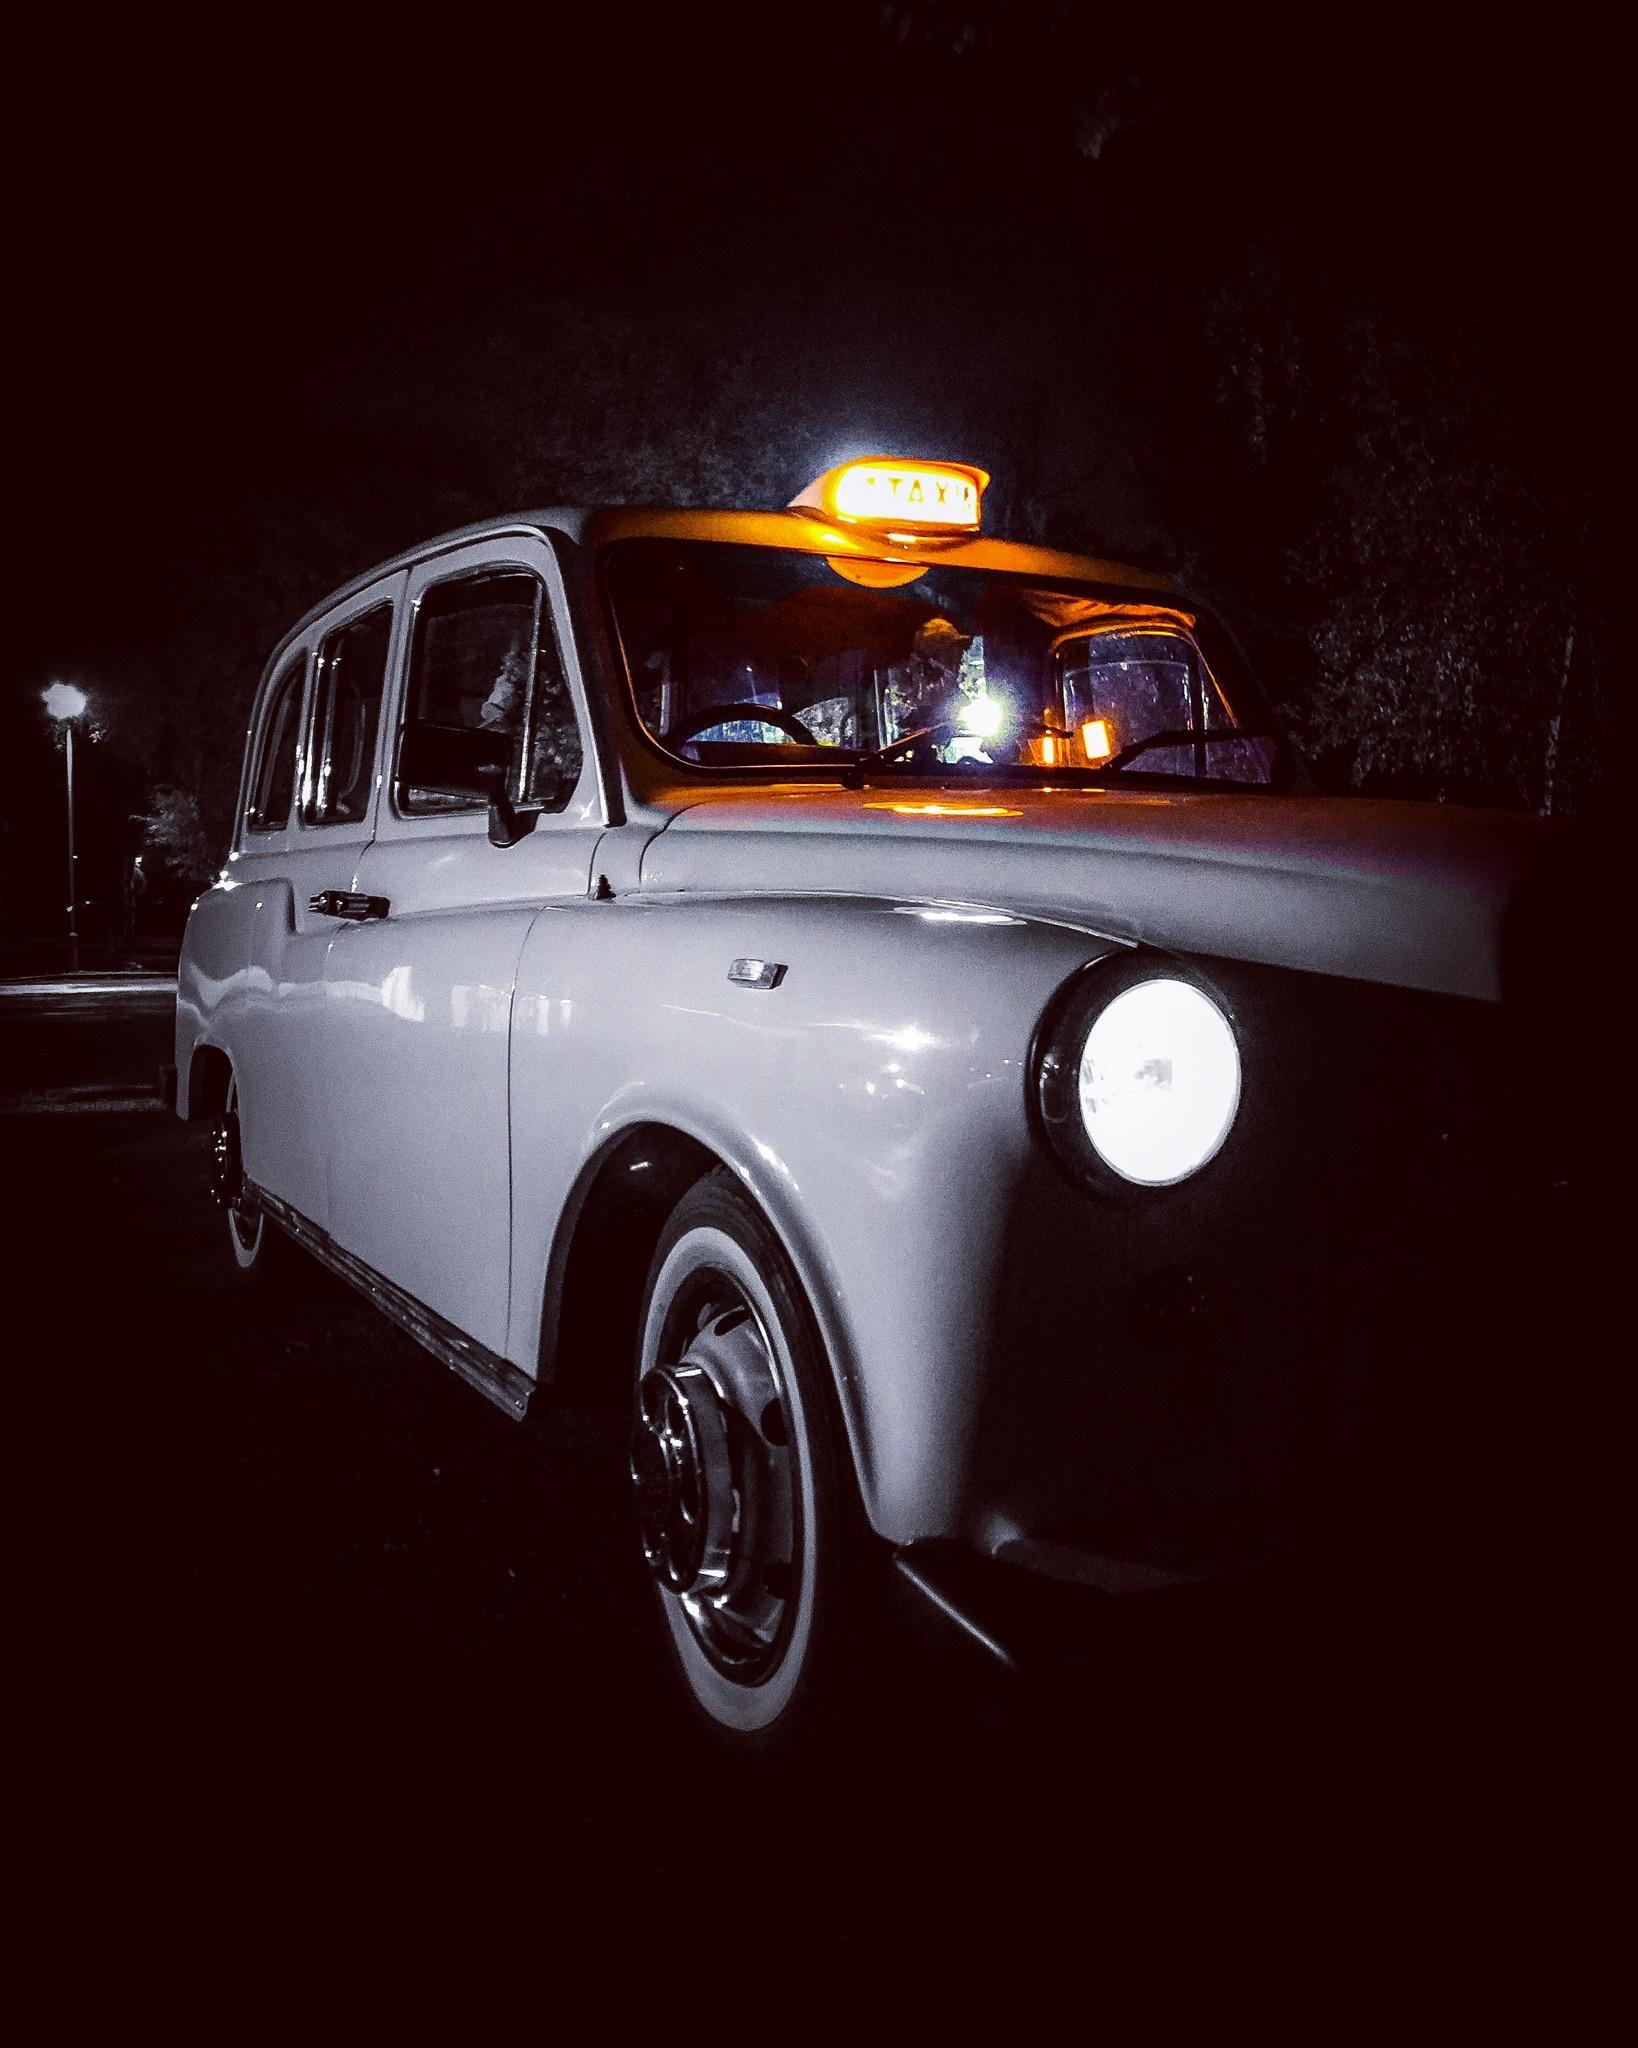 https://0501.nccdn.net/4_2/000/000/038/2d3/classic-taxi-prop-hire-action-1638x2048.jpg